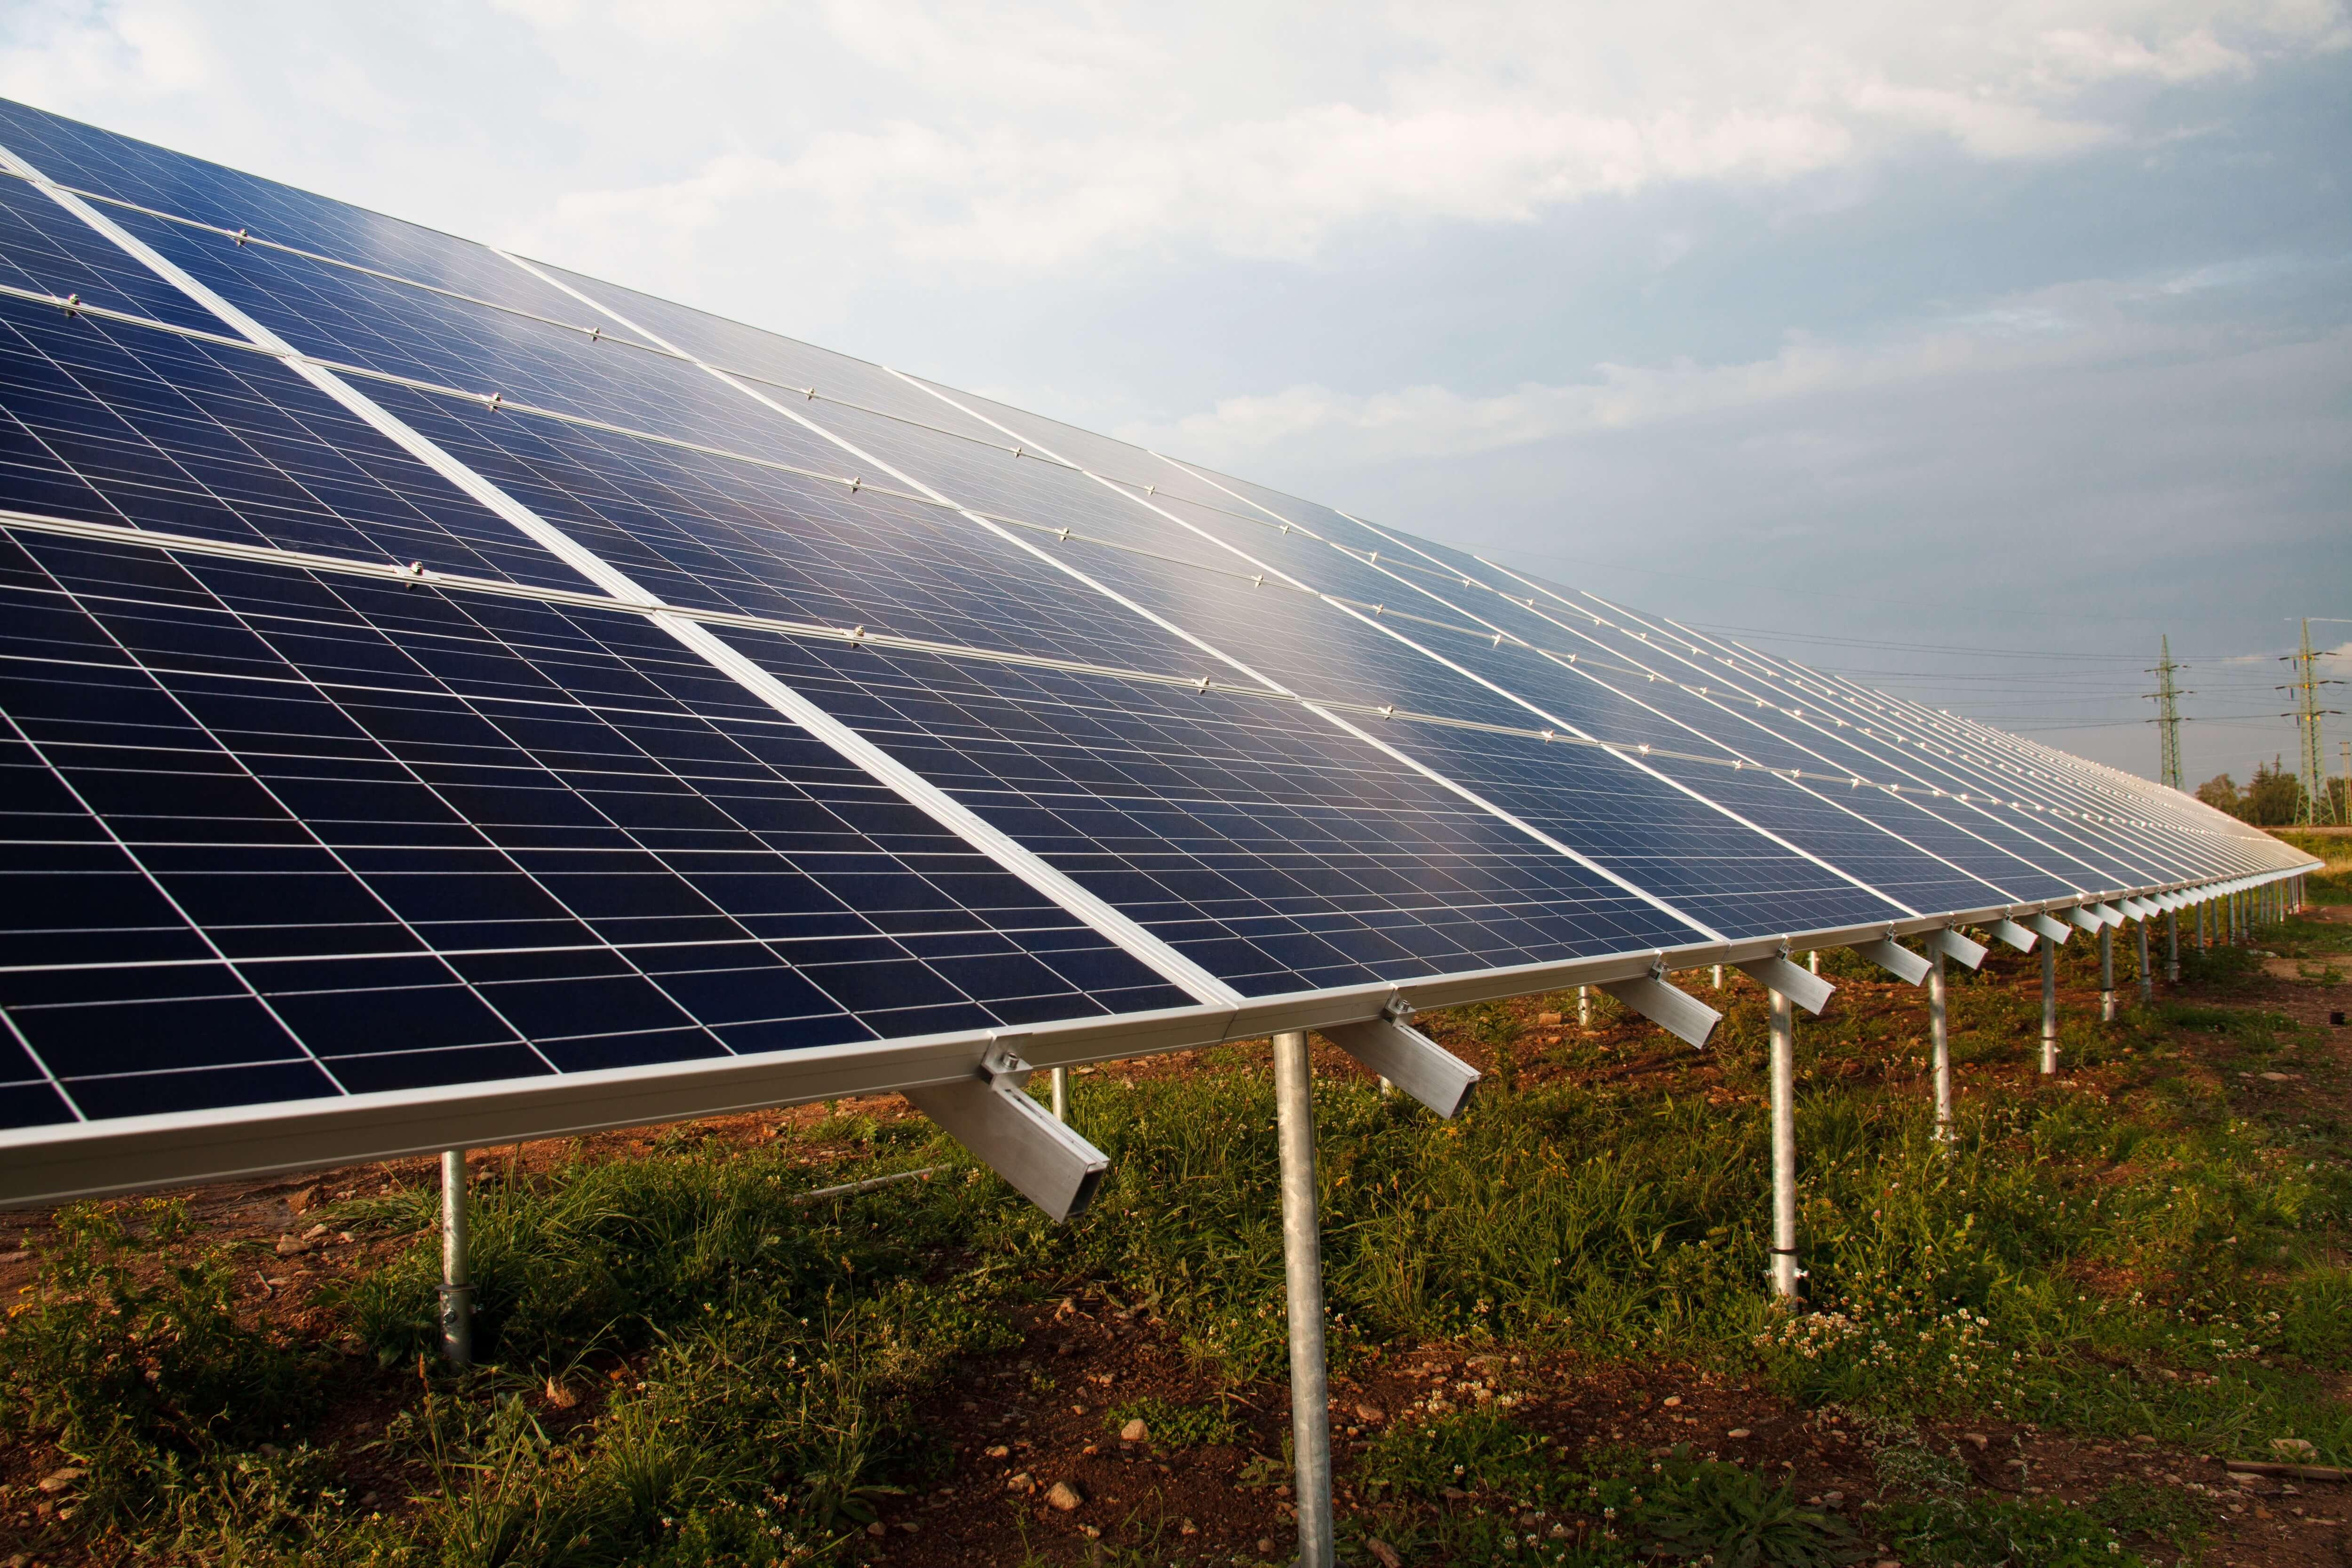 Estação de energia solar reluzindo a luz do sol, funcionando através de baterias estacionárias